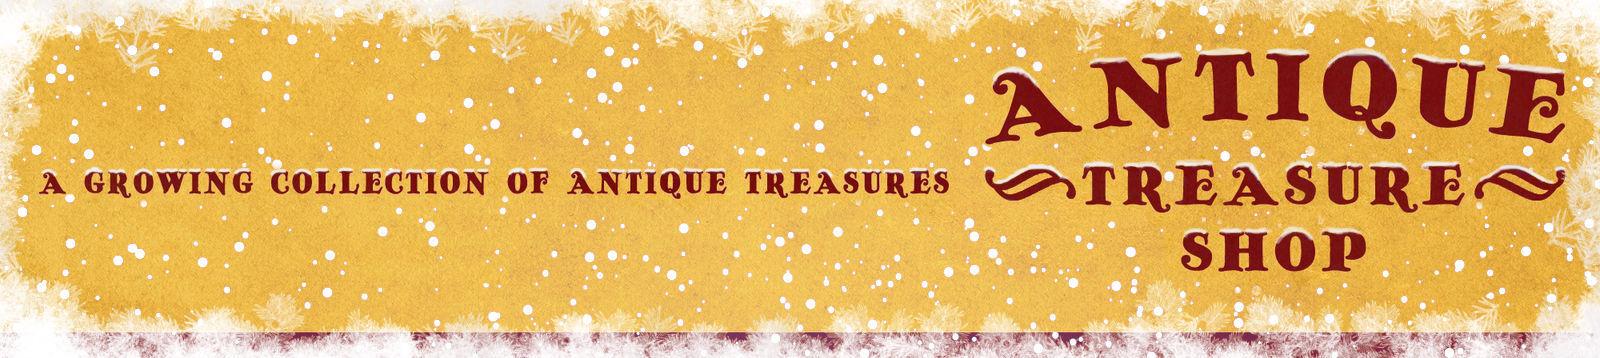 Antique Treasure Shop